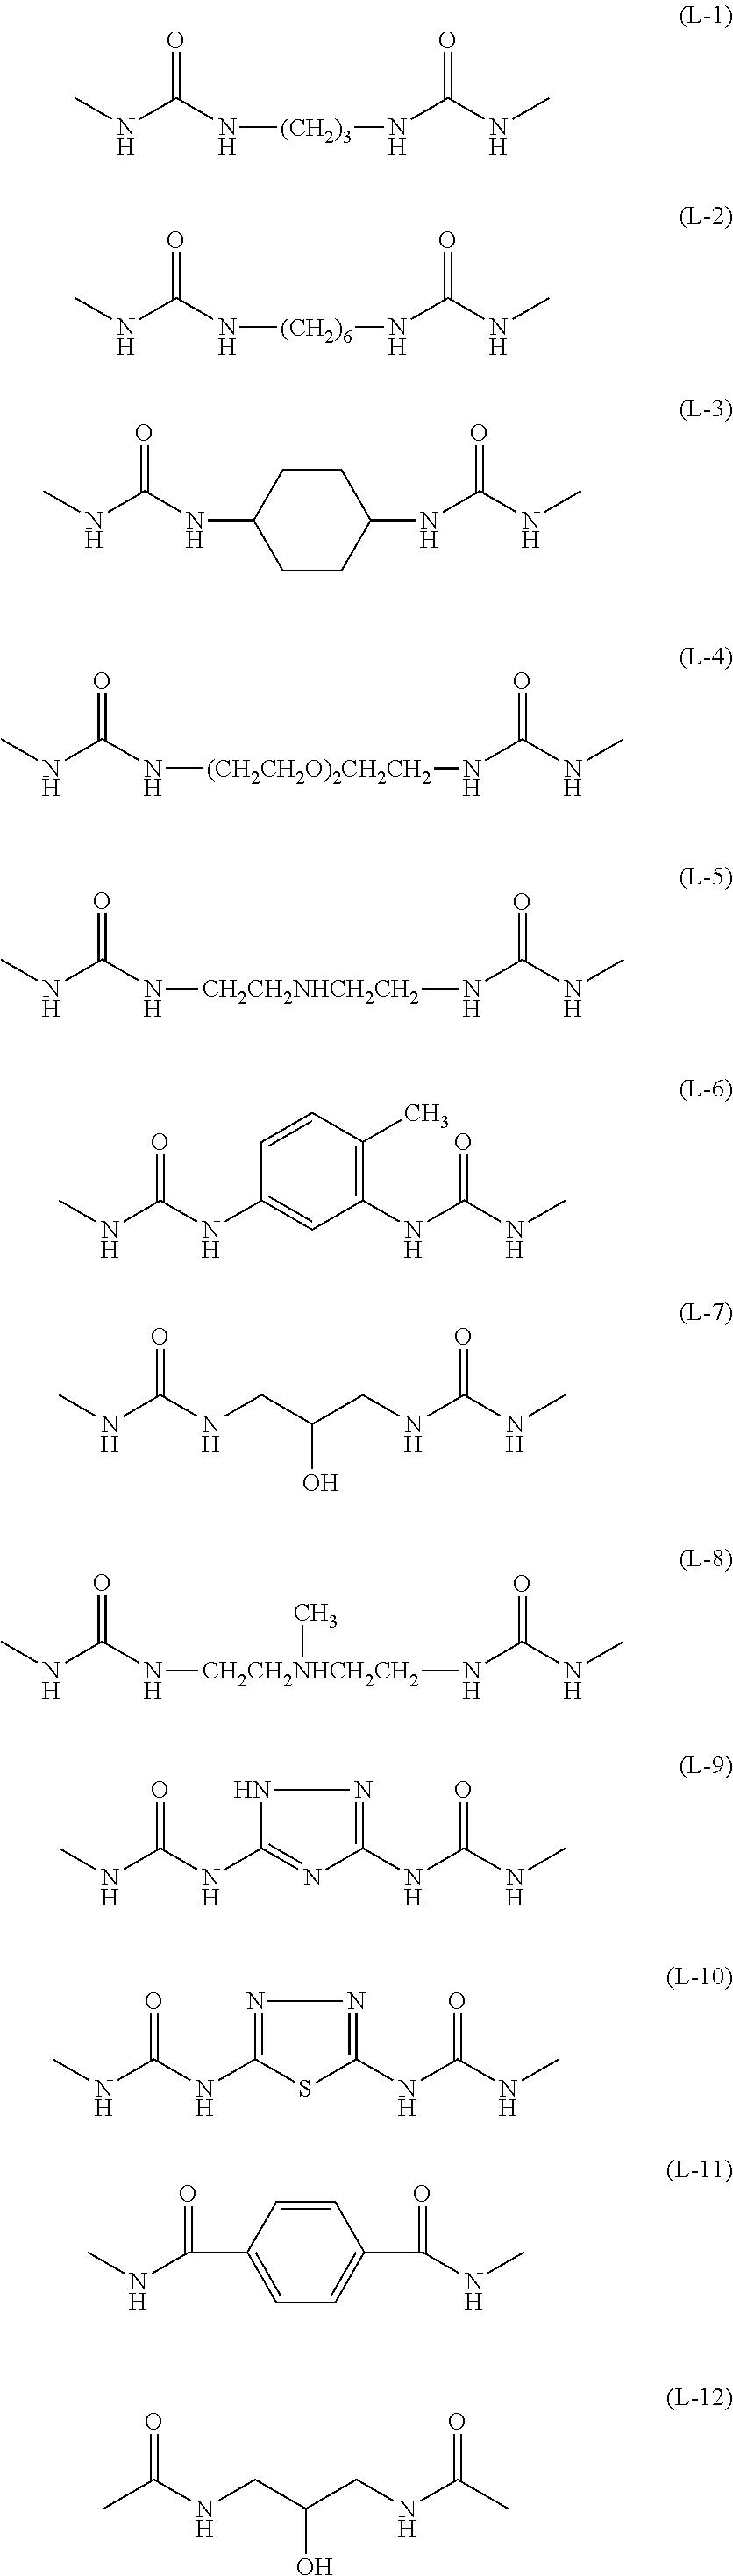 Figure US09202709-20151201-C00009